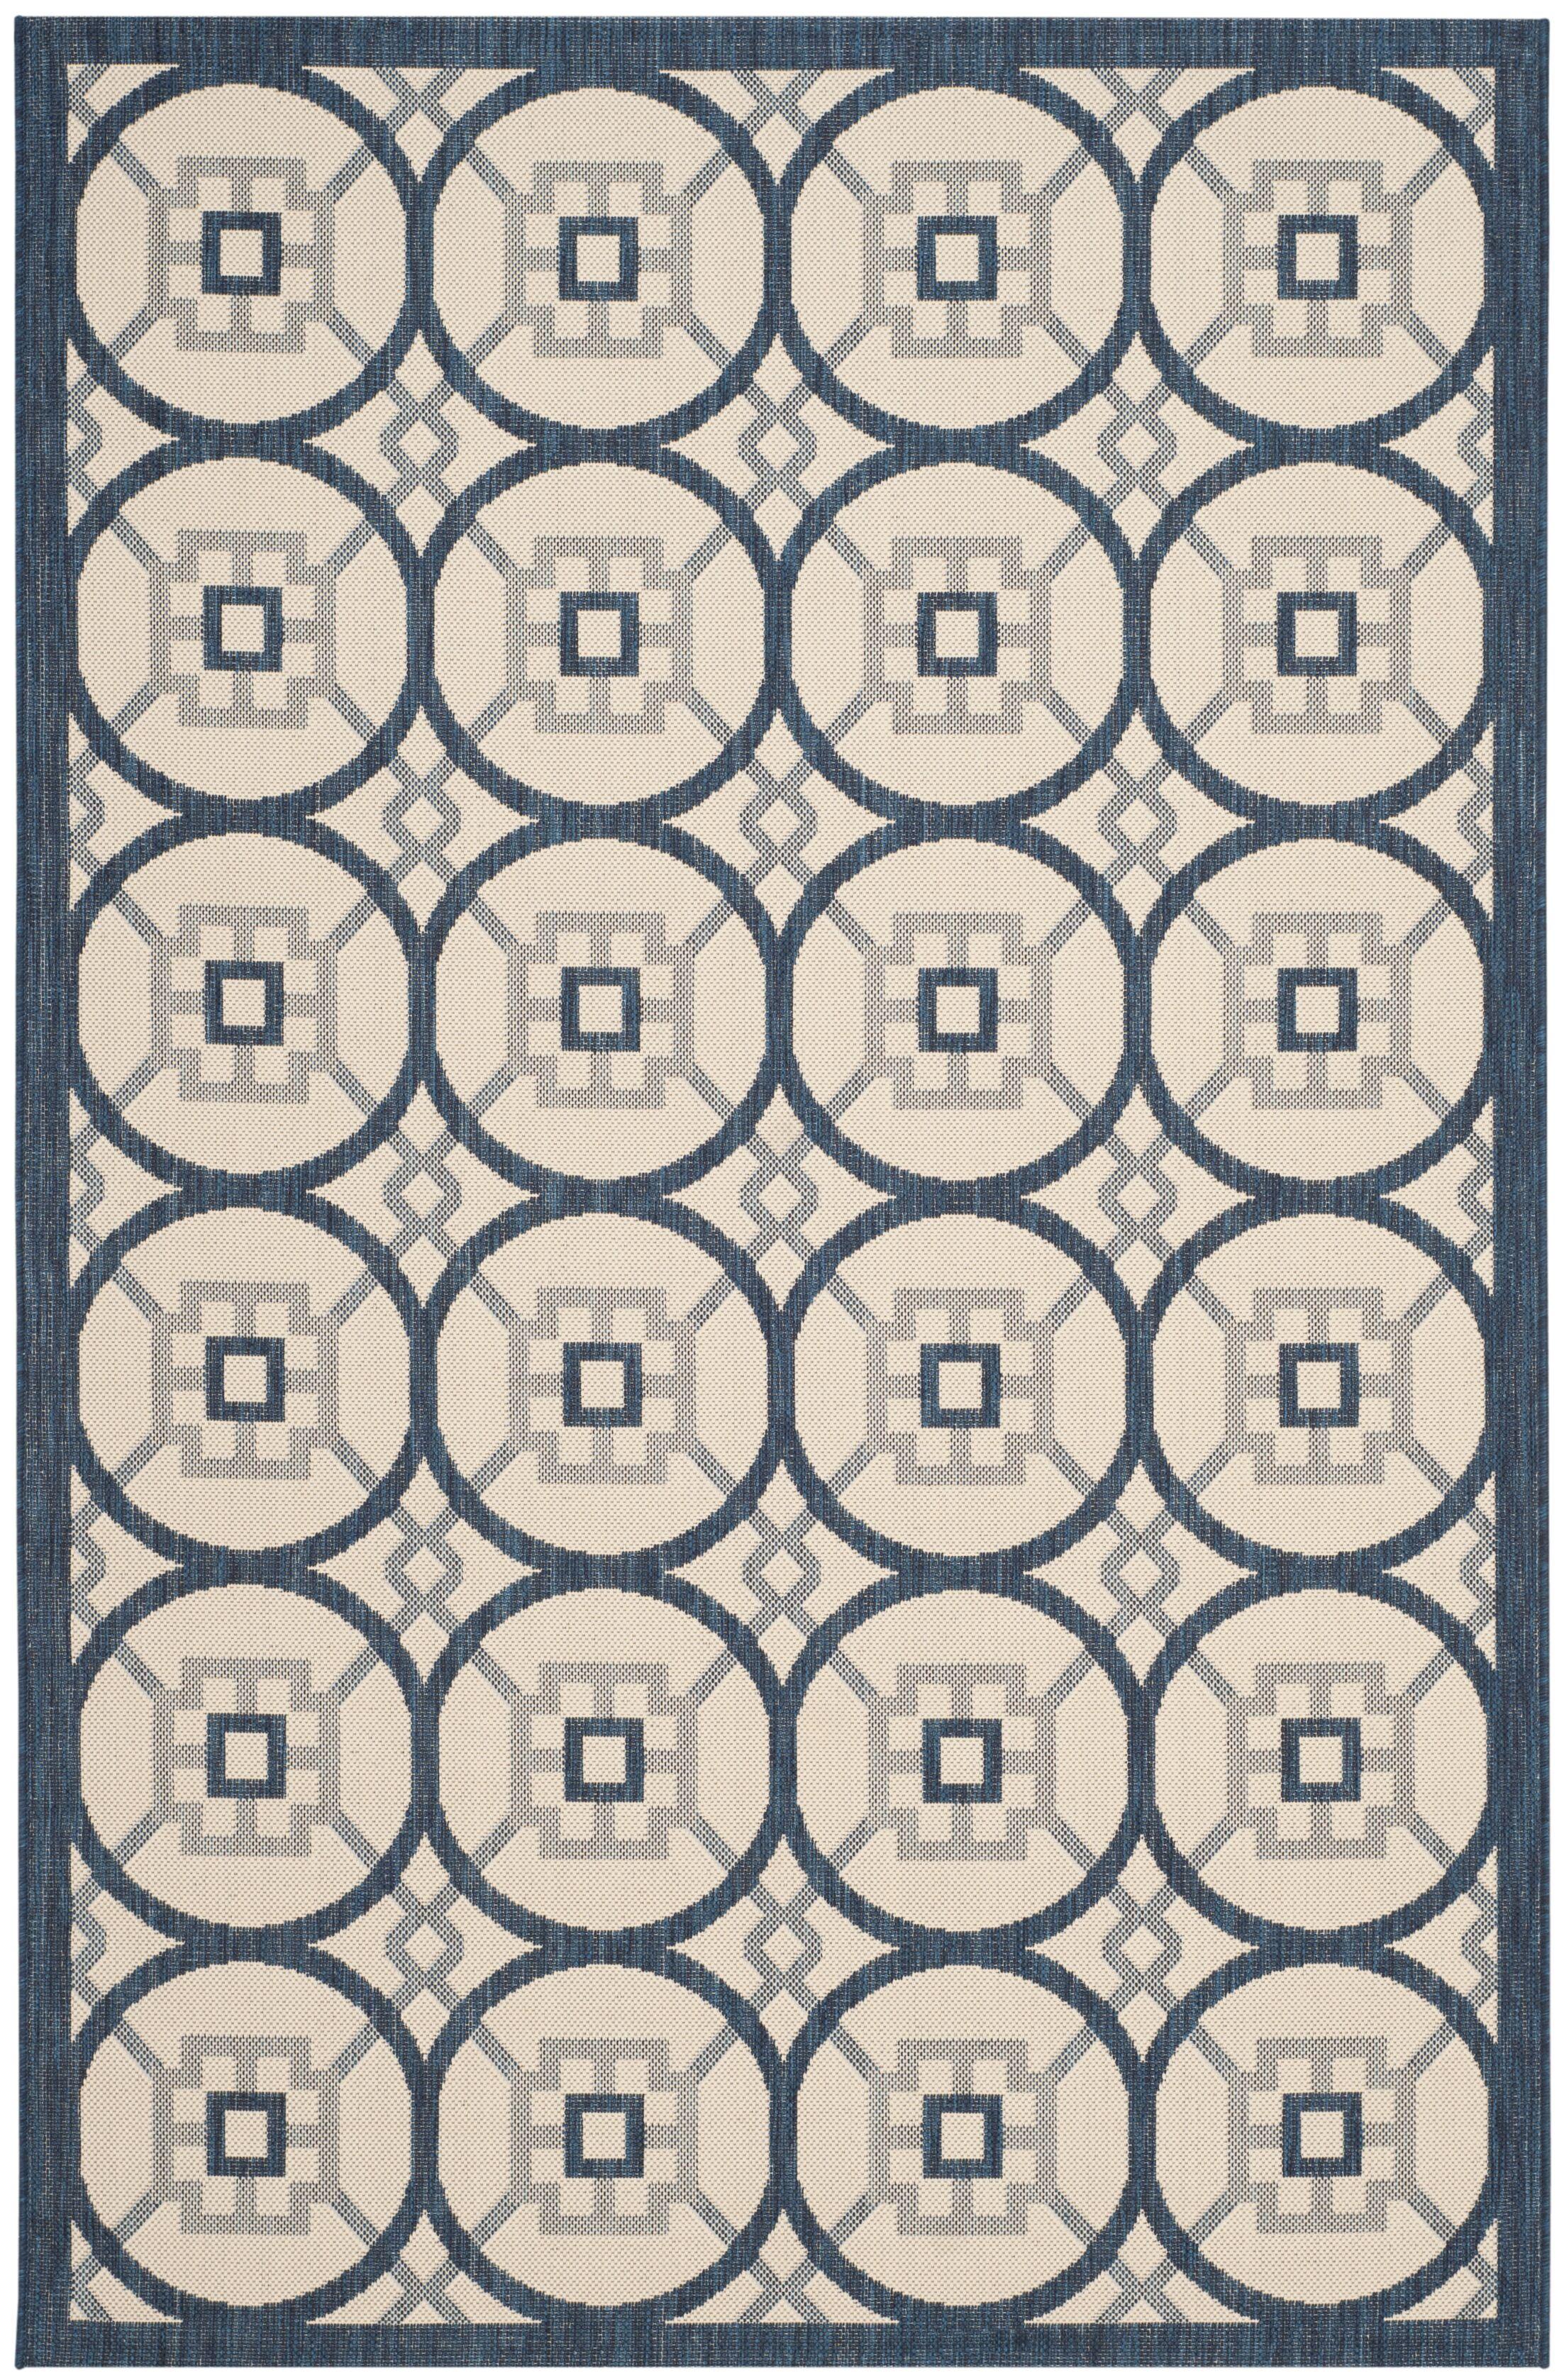 Raymond Beige/Navy Indoor/Outdoor Area Rug Rug Size: Rectangle 5'3